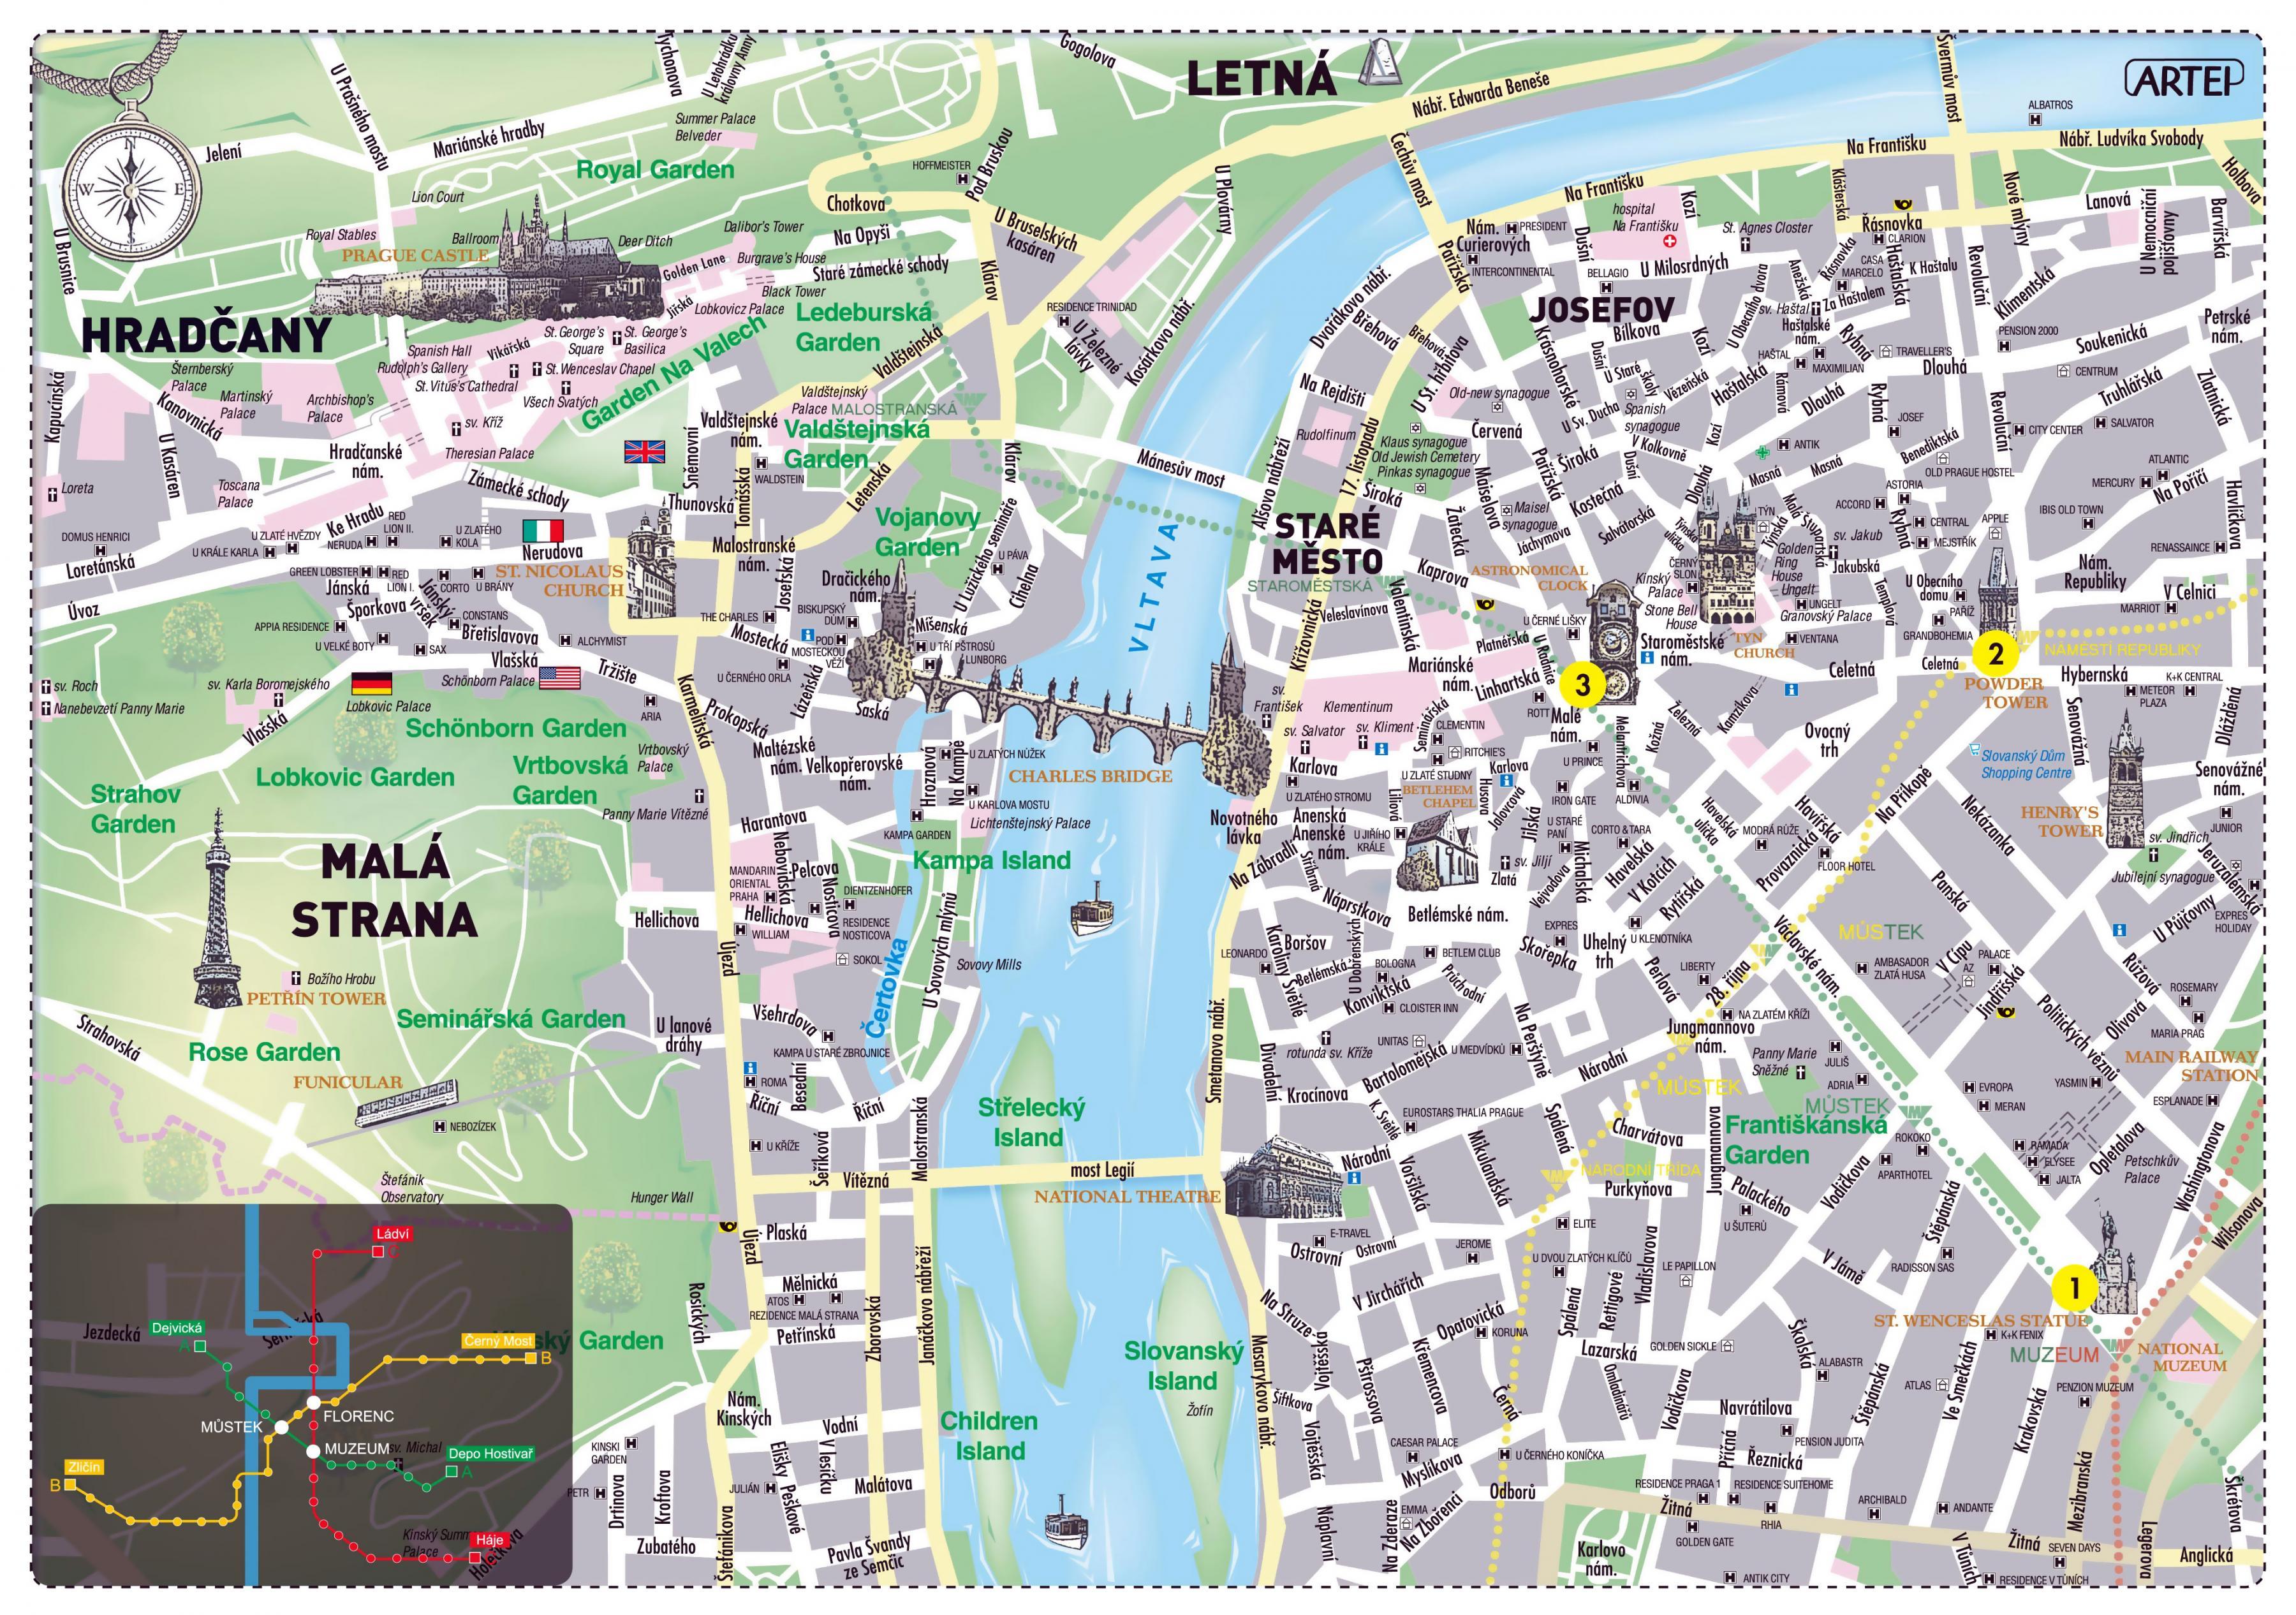 Prag Karte Sehenswurdigkeiten.Prag Sehenswurdigkeiten Karte Prag Stadtplan Mit